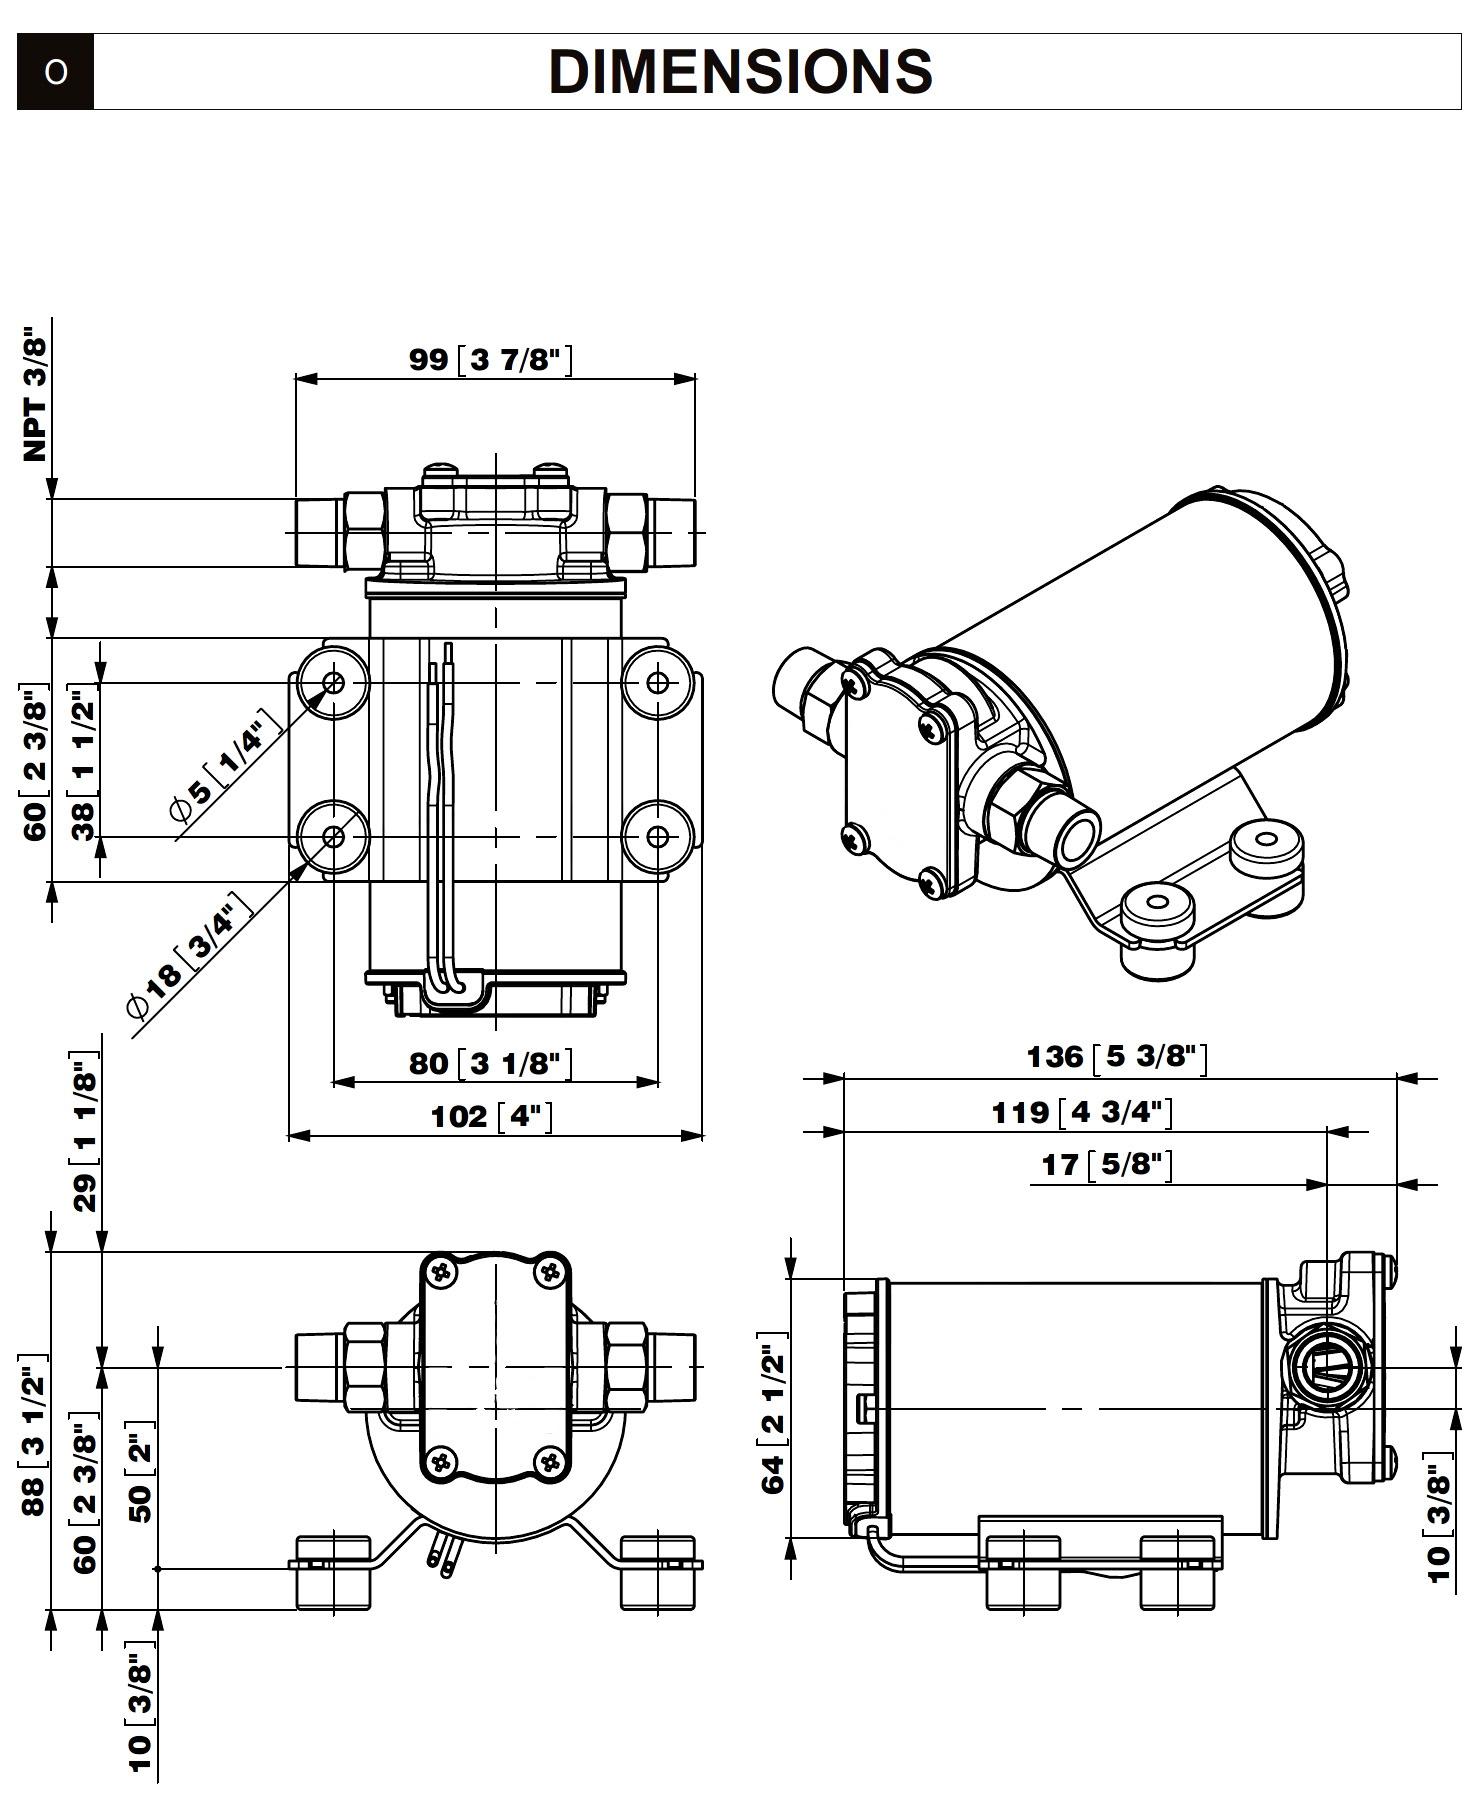 gp-301-dimensions.jpg